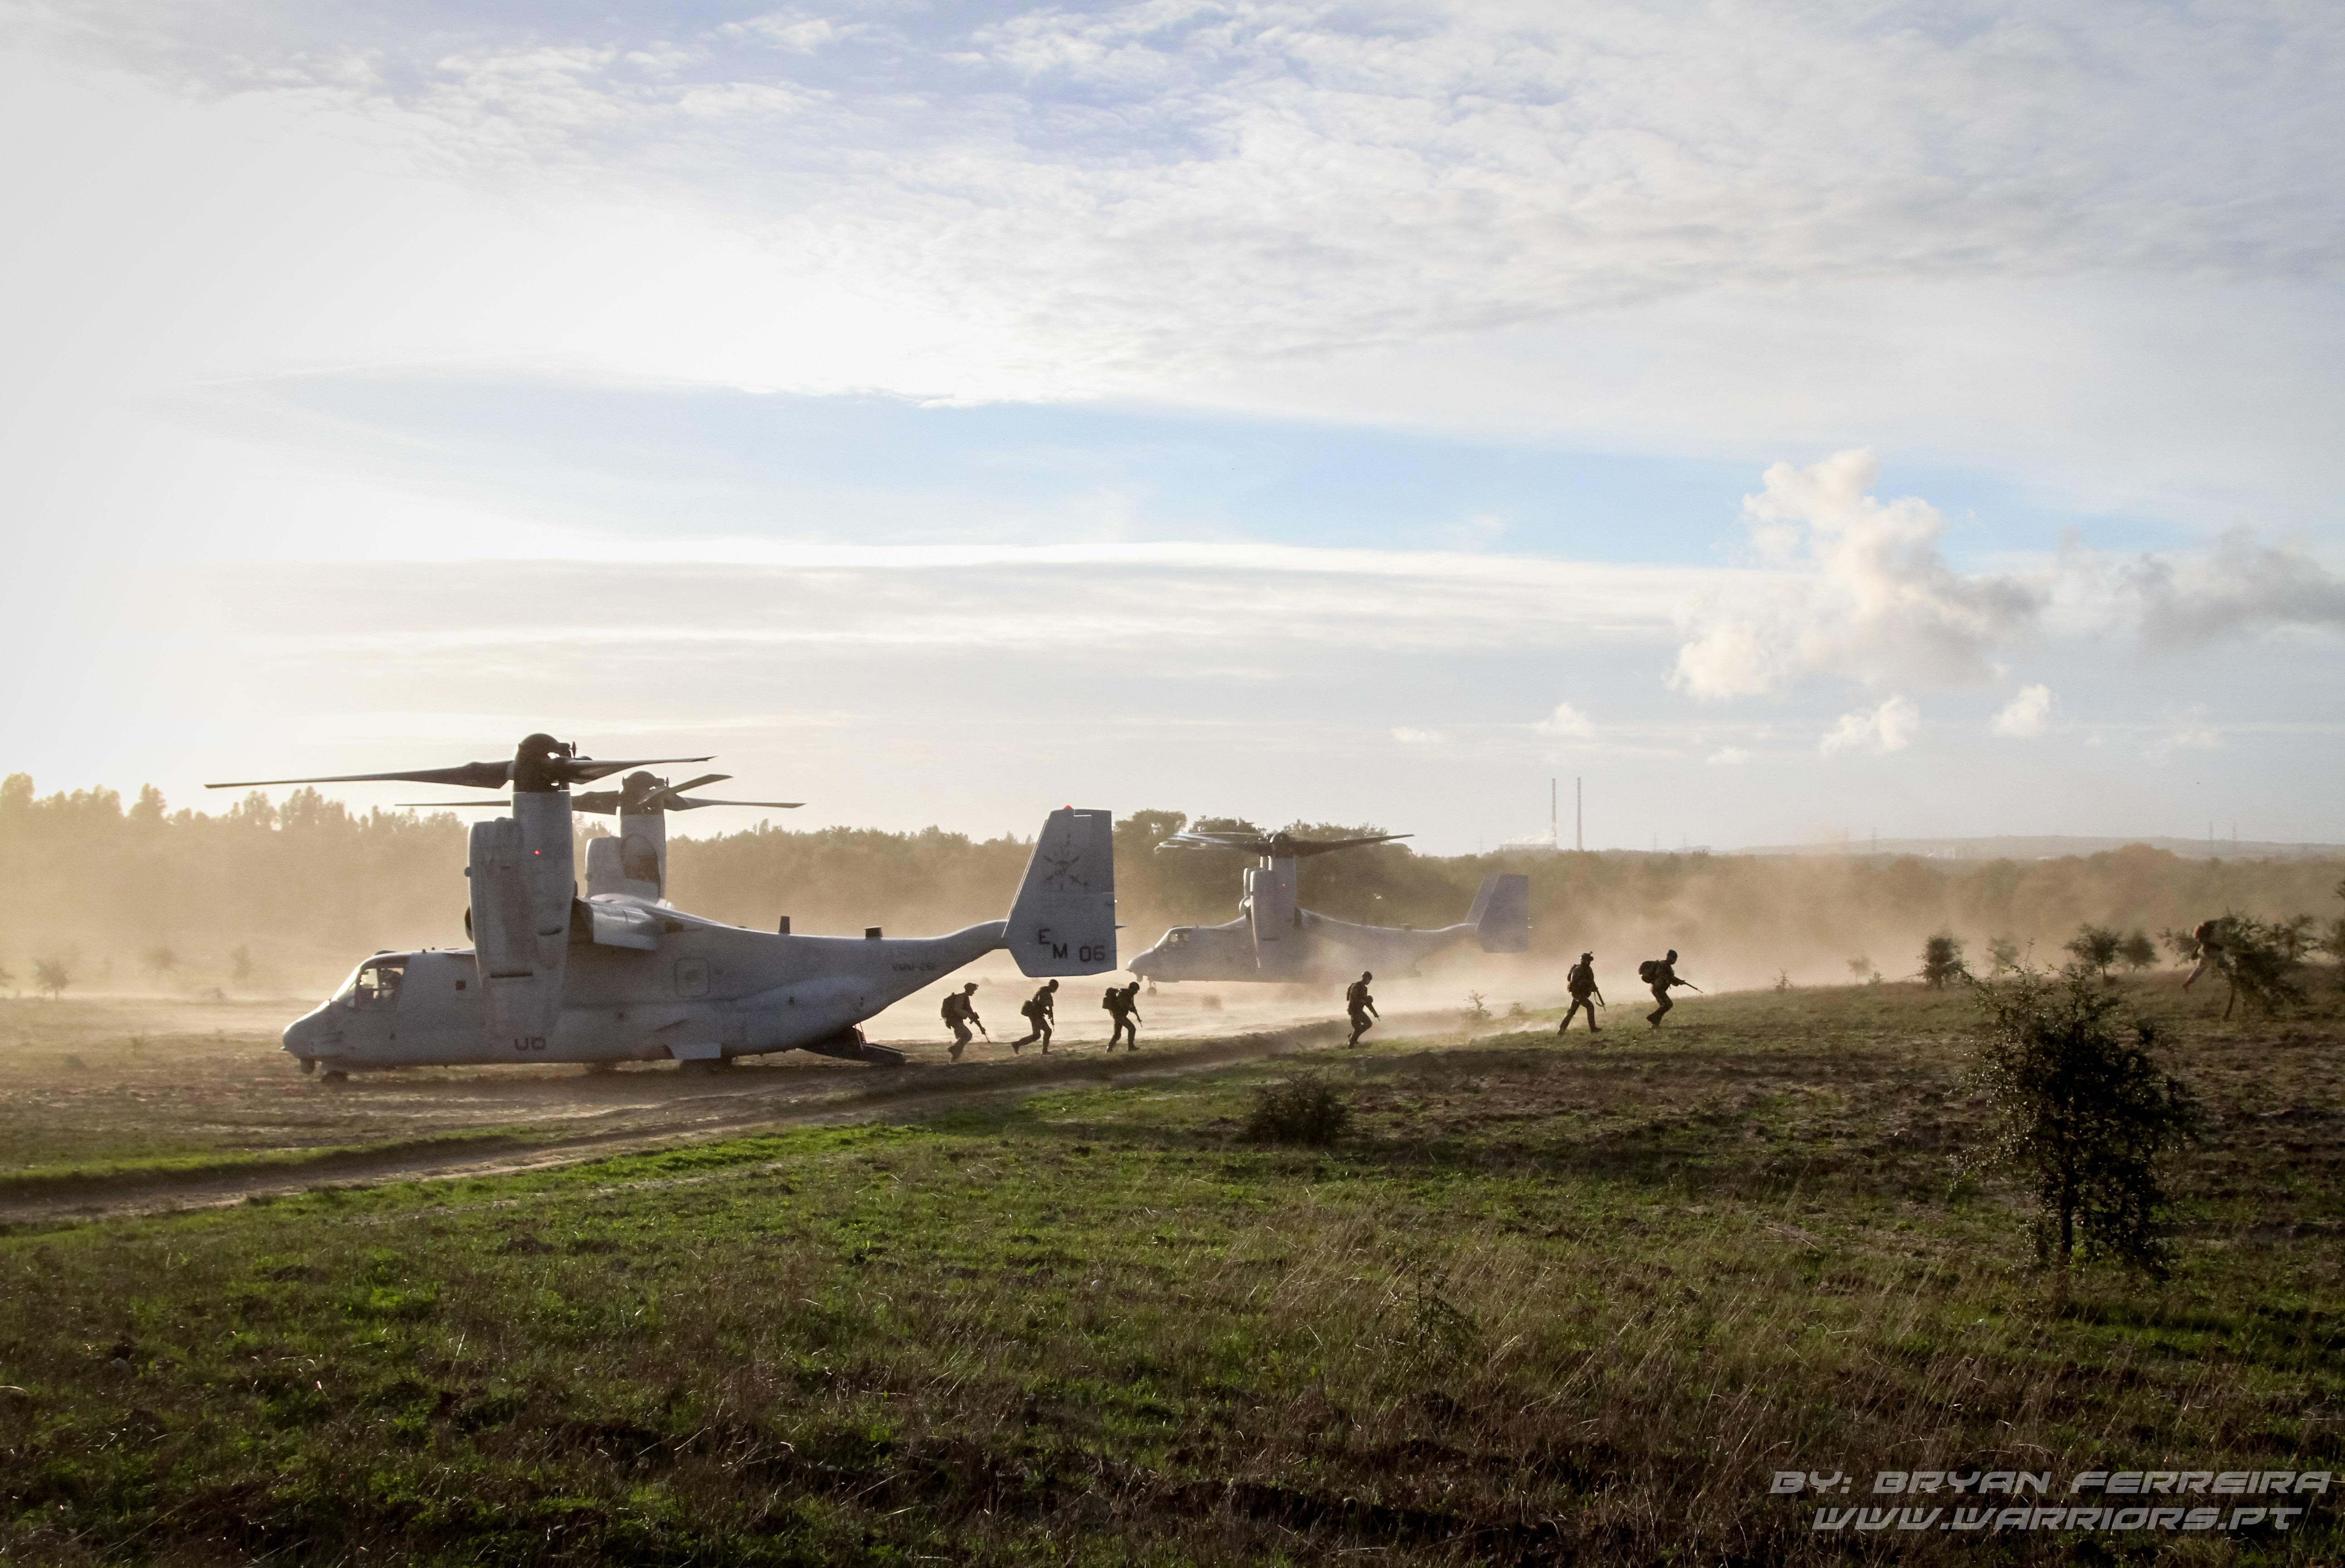 Portugueses, Americanos e Espanhois desembarcam de dois MV-22 Osprey